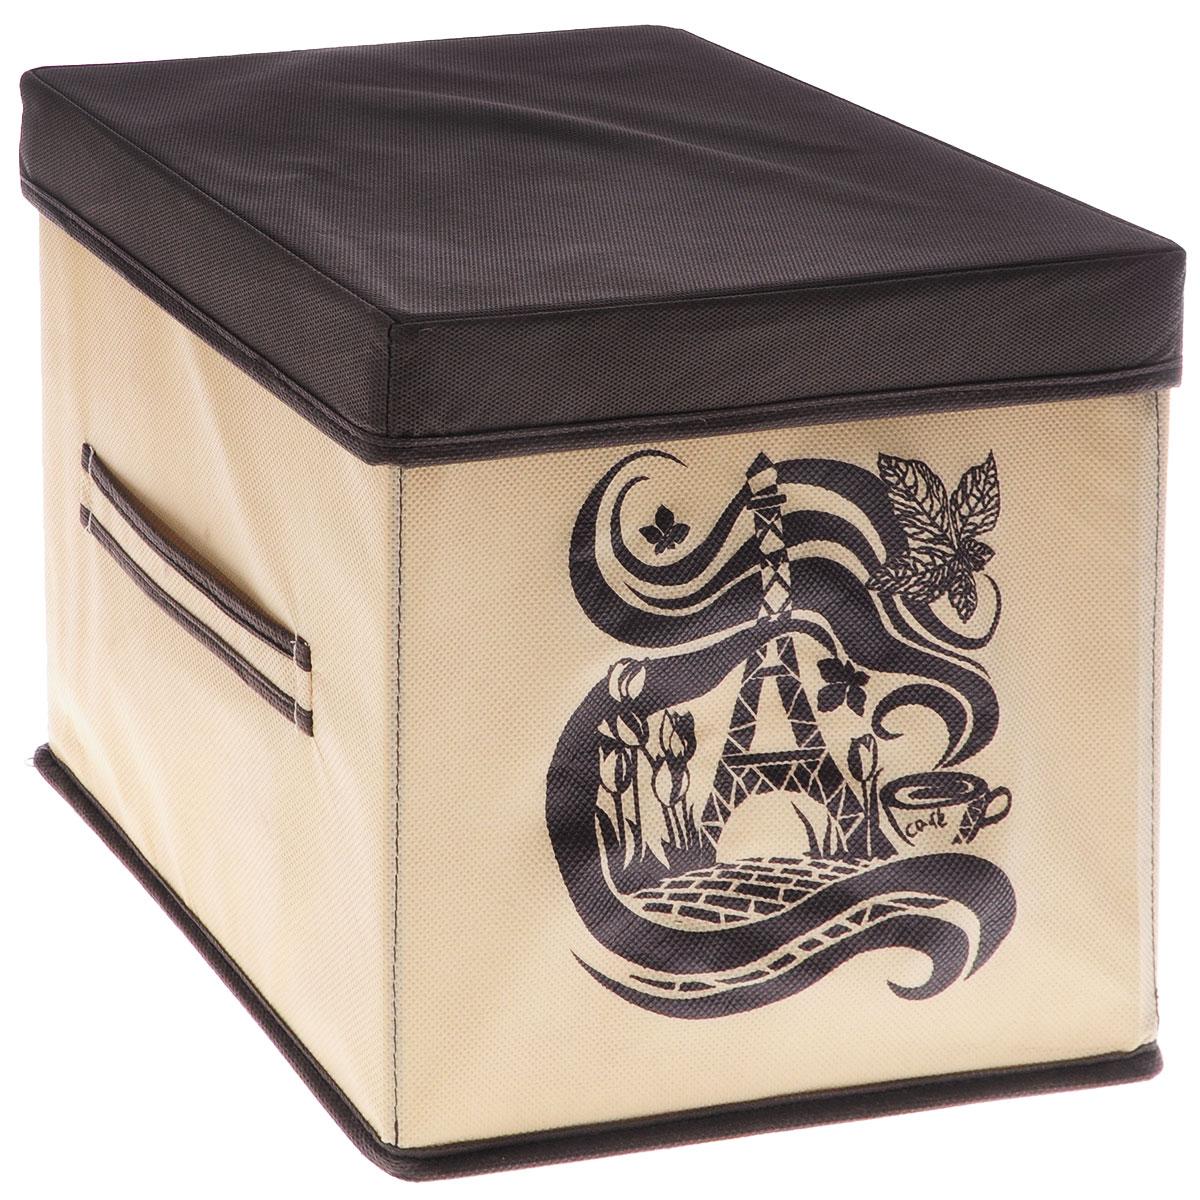 Коробка для вещей Все на местах Париж, с крышкой, цвет: коричневый, бежевый, 25 х 25 х 25 смUP210DFКоробка с крышкой Все на местах выполнена из высококачественного нетканого материала, который обеспечивает естественную вентиляцию и предназначен для хранения вещей или игрушек. Он защитит вещи от повреждений, пыли, влаги и загрязнений во время хранения и транспортировки. Размер коробки: 25 х 25 х 25 см.